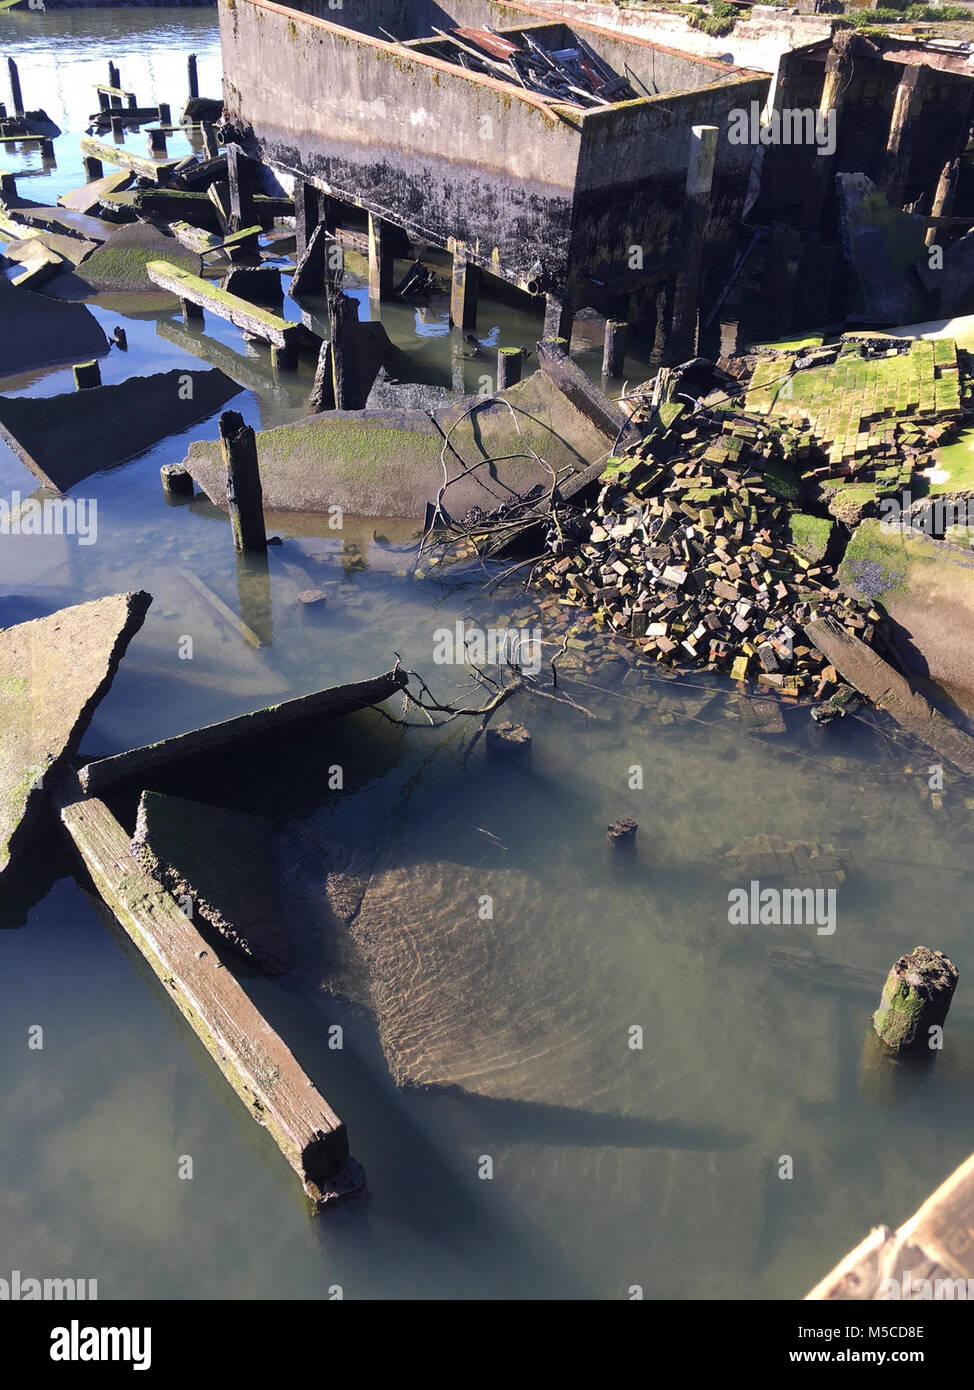 Nettoyage d'un déversement de pétrole dans le fleuve Columbia est en déclin, le 12 février Photo Stock